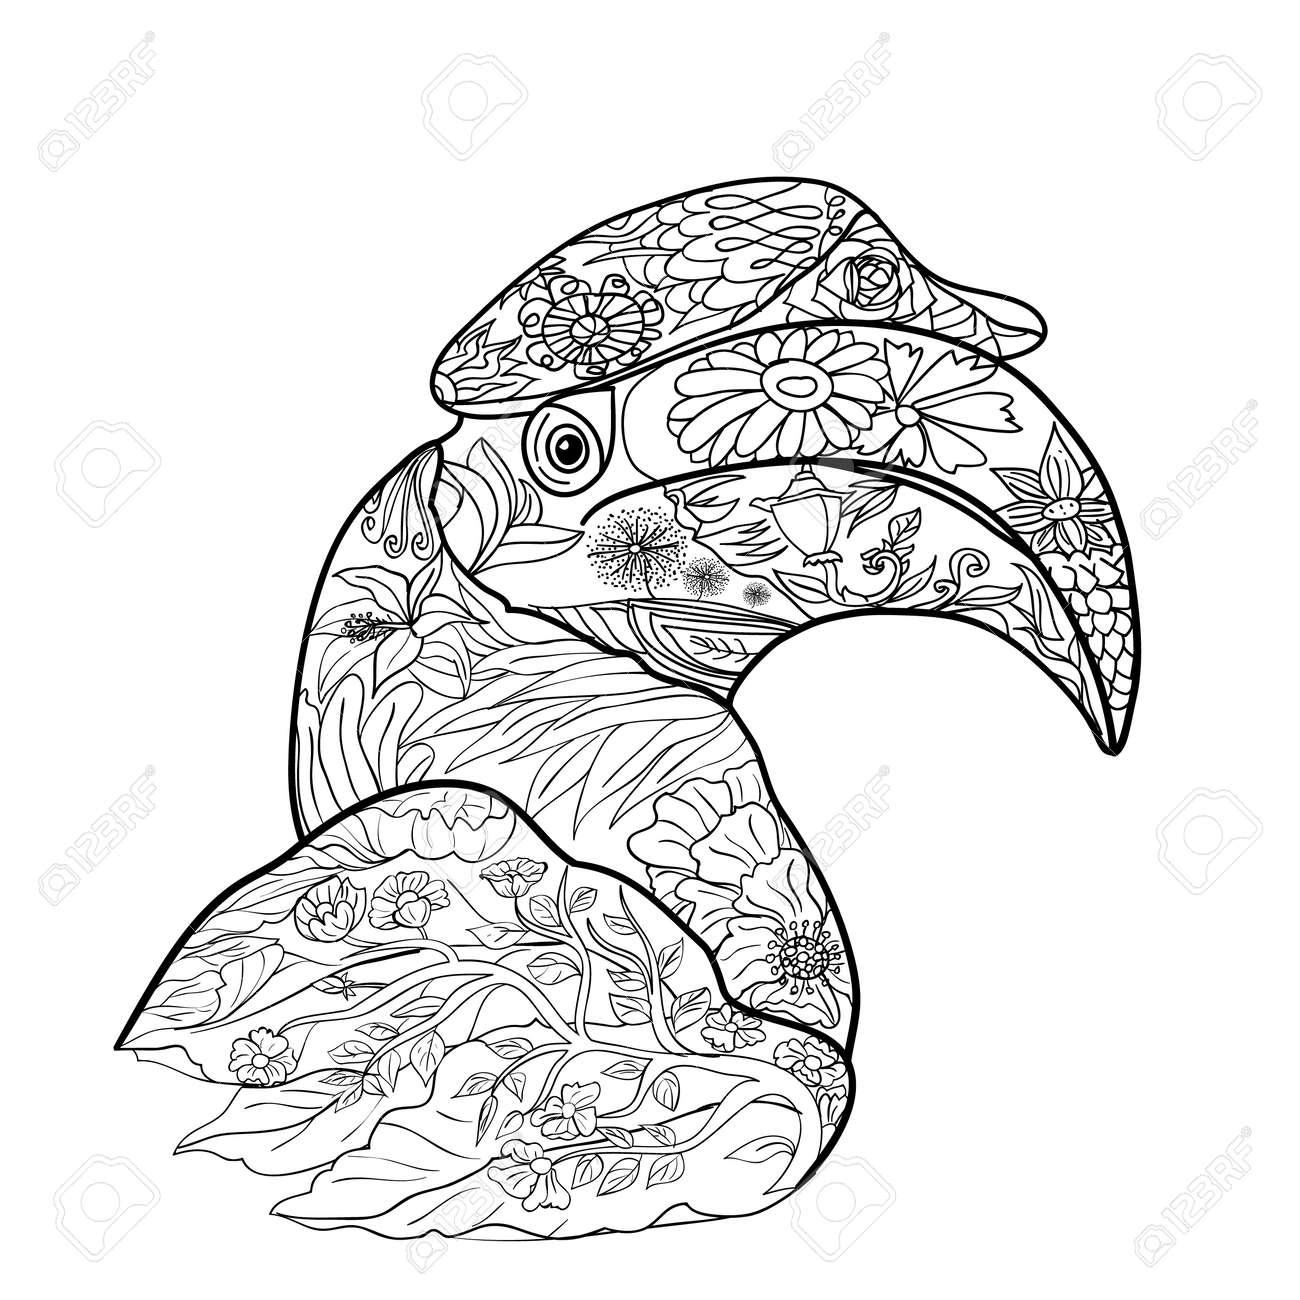 Línea De Arte Para La Coloración De Gran Pájaro Cálao Sobre Fondo ...